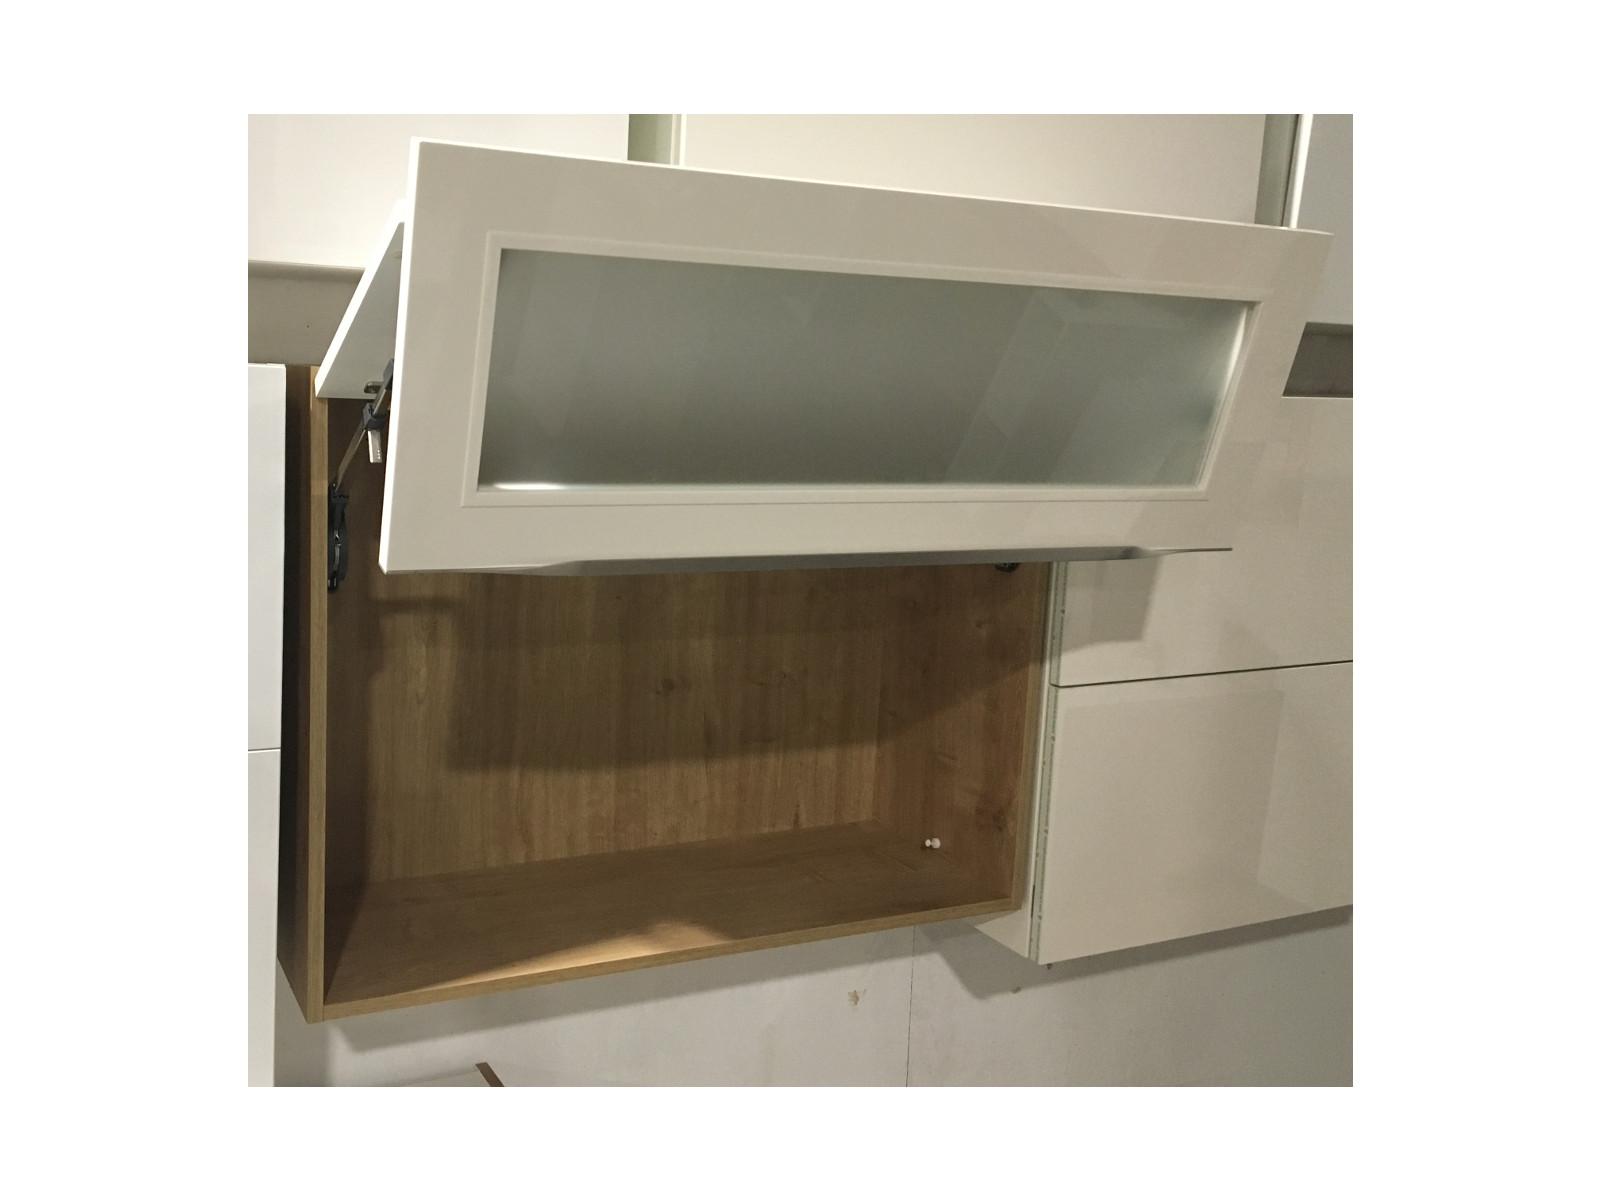 h ngeschrank mit liftt r in magnolia glanz eiche provence mattglas wandschrank ebay. Black Bedroom Furniture Sets. Home Design Ideas